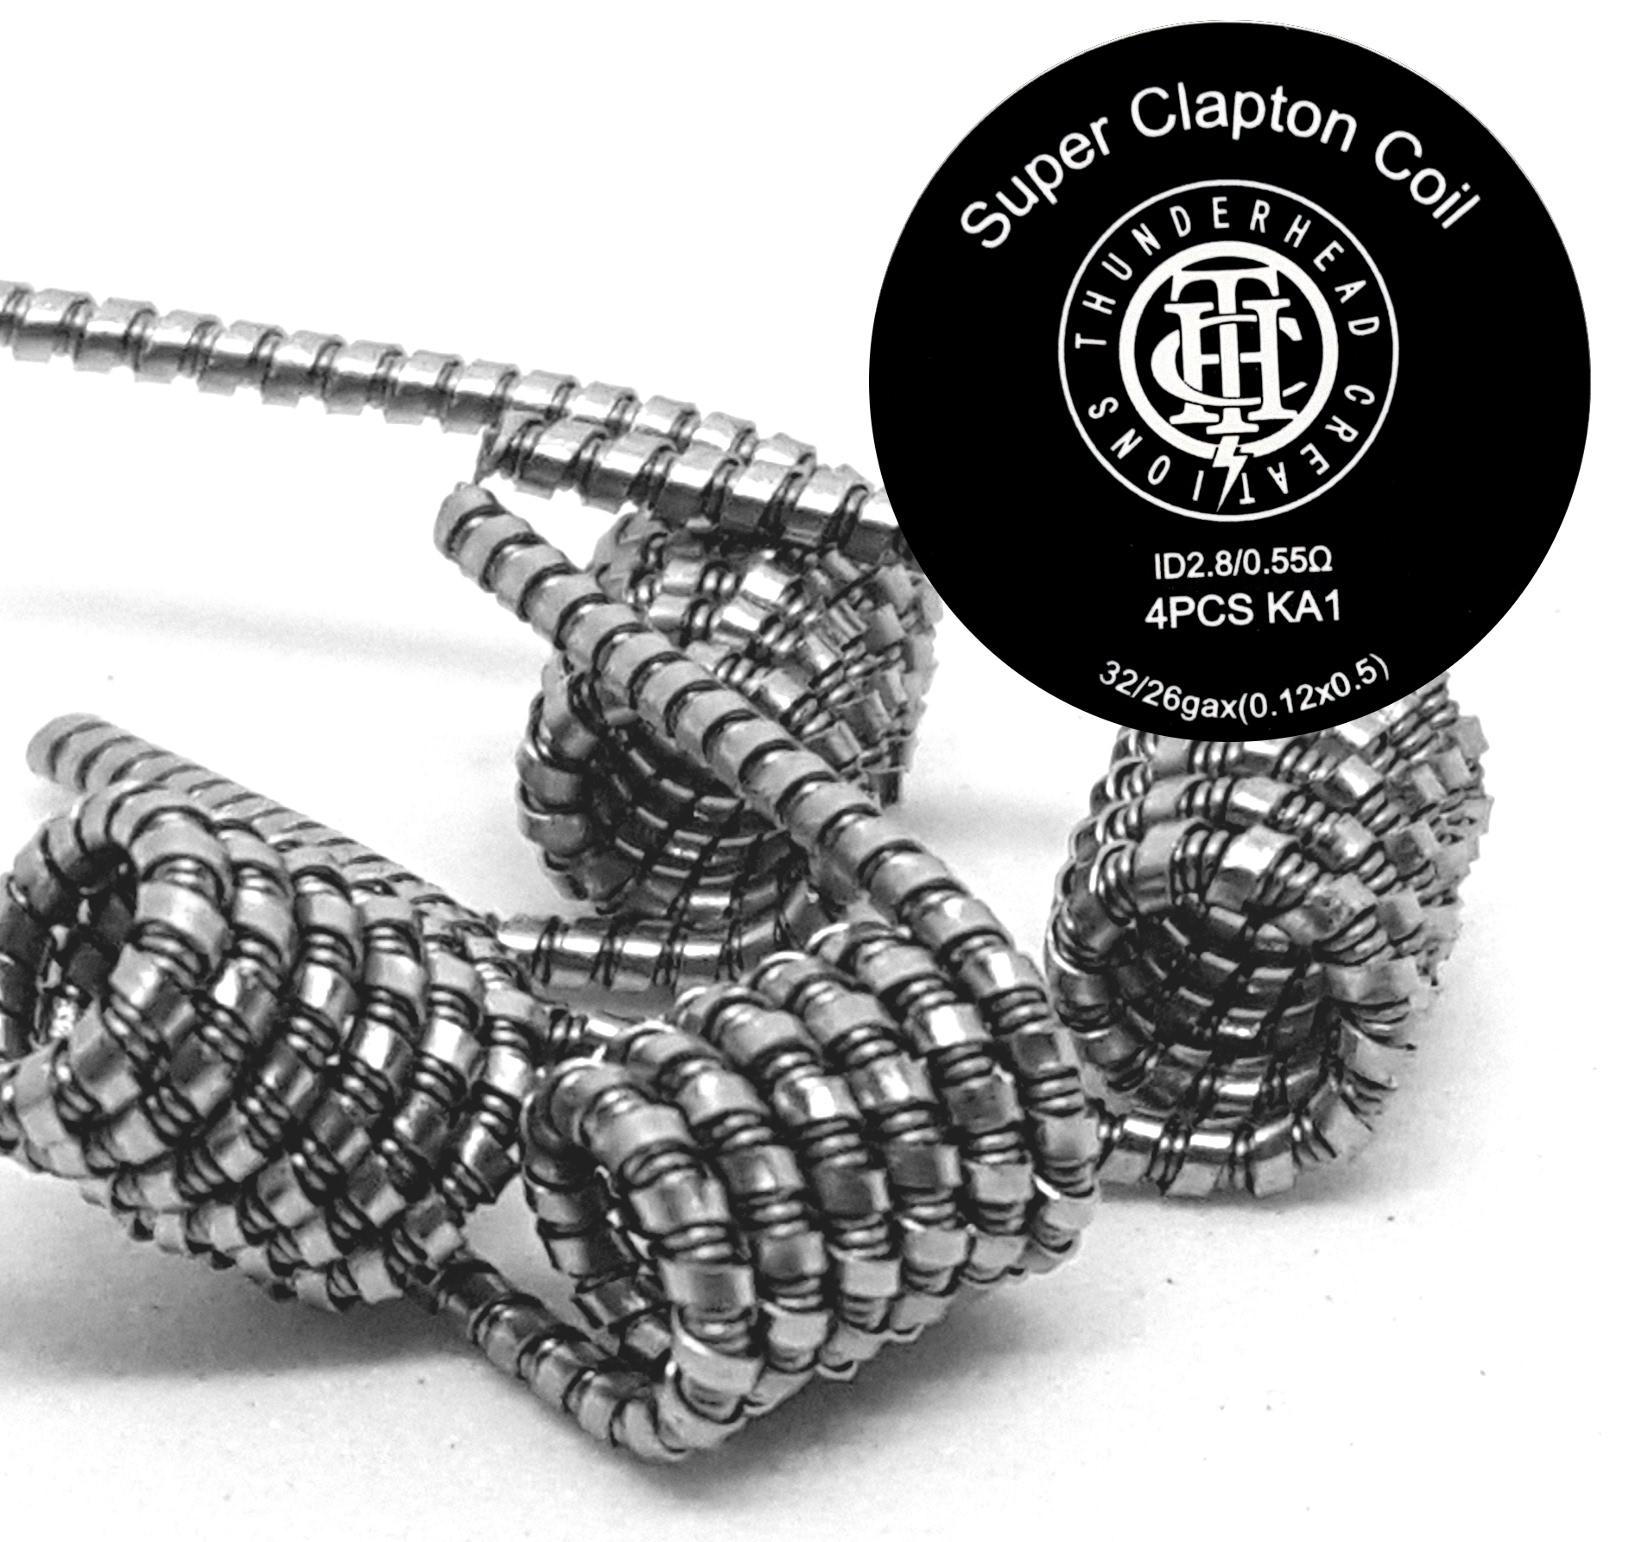 Super Clapton Coil Fertigwicklungen   Alpha-Steam - E-Zigaretten ...